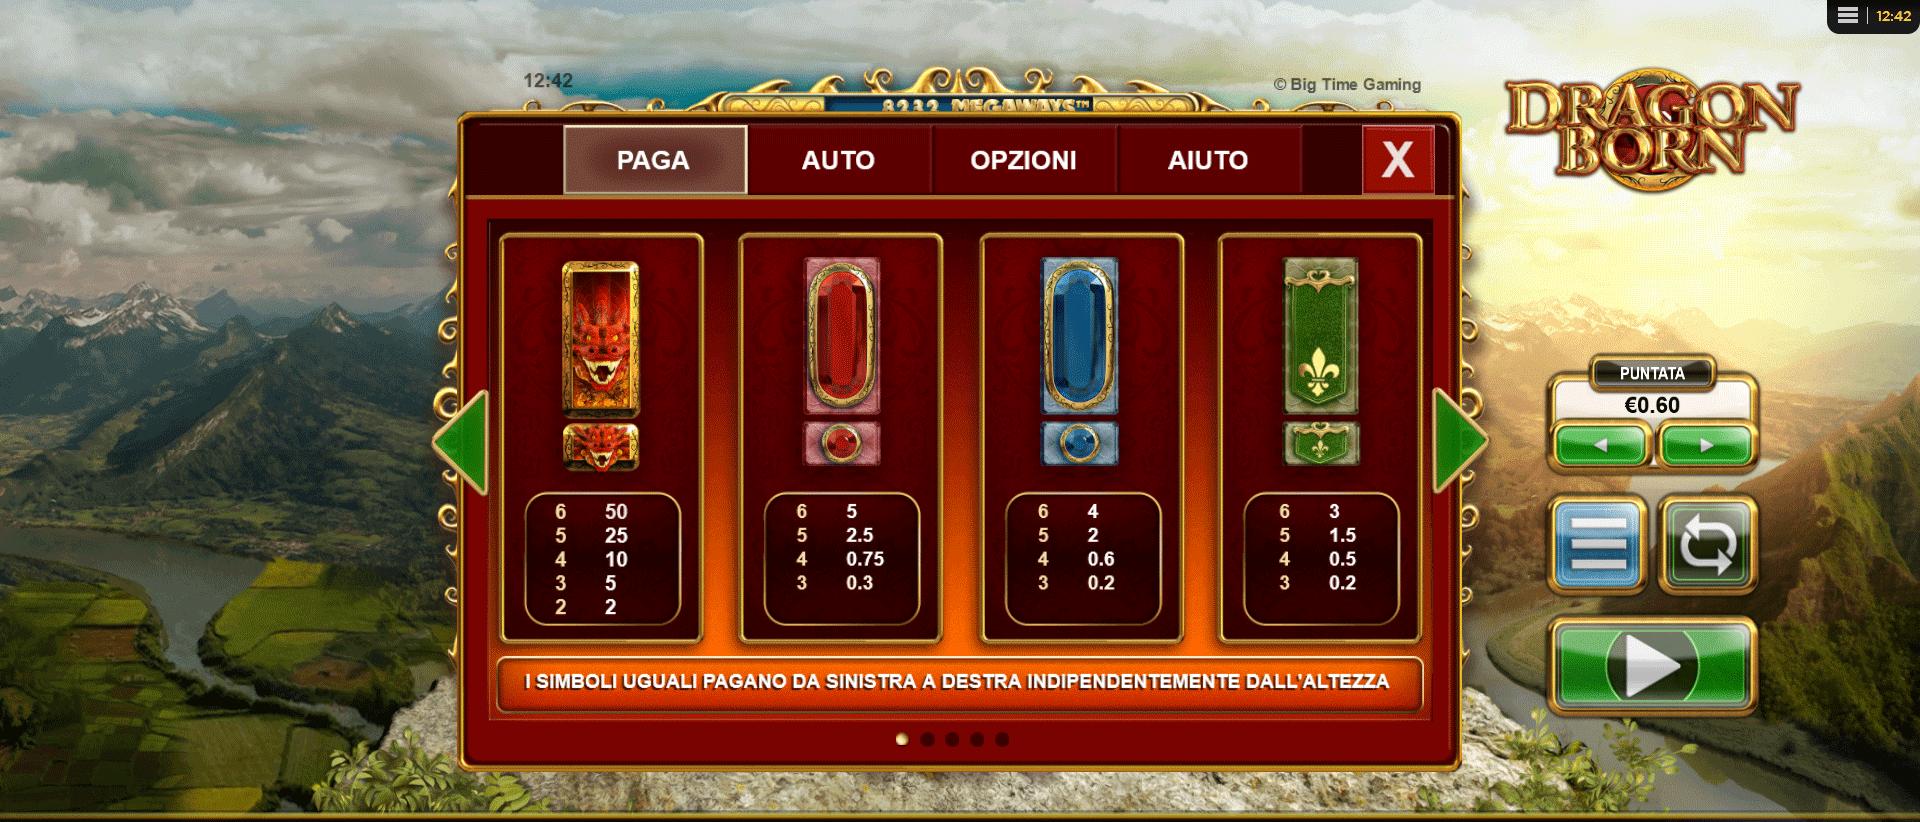 tabella delle vincite della slot machine dragon born online